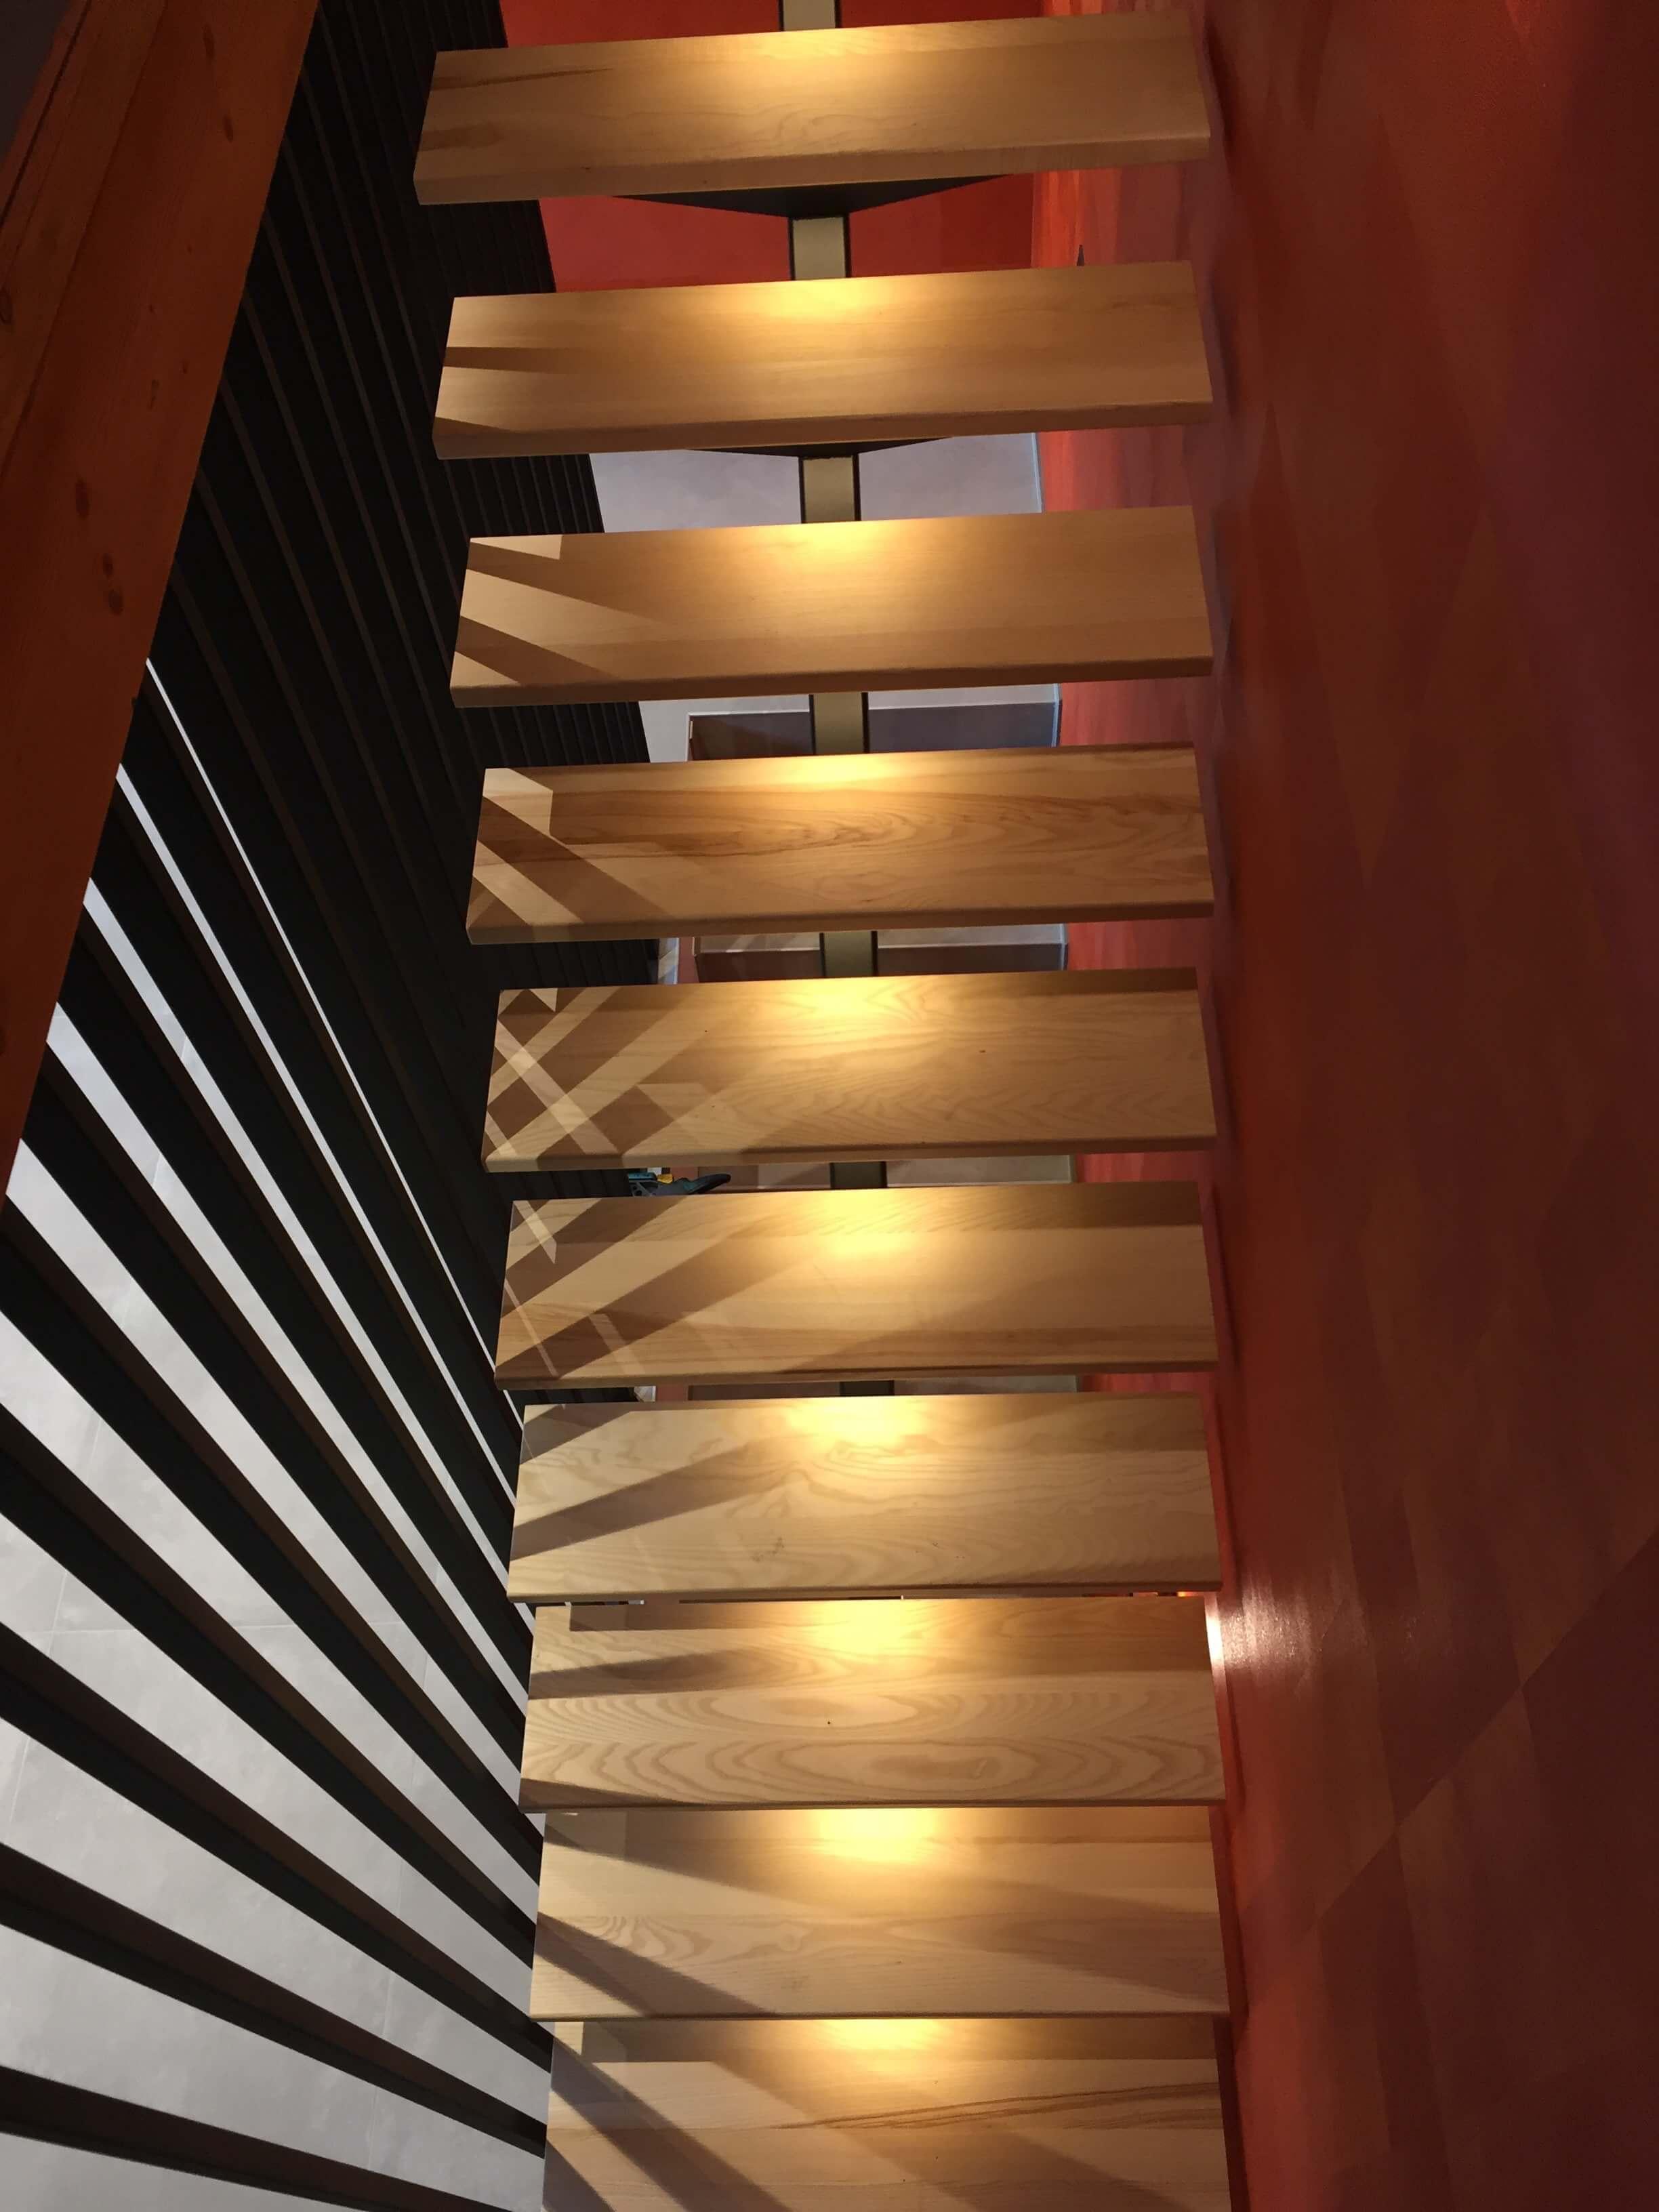 Robi design Métallique Annecy agencement intérieur verrière claustra Tarentaise 7338